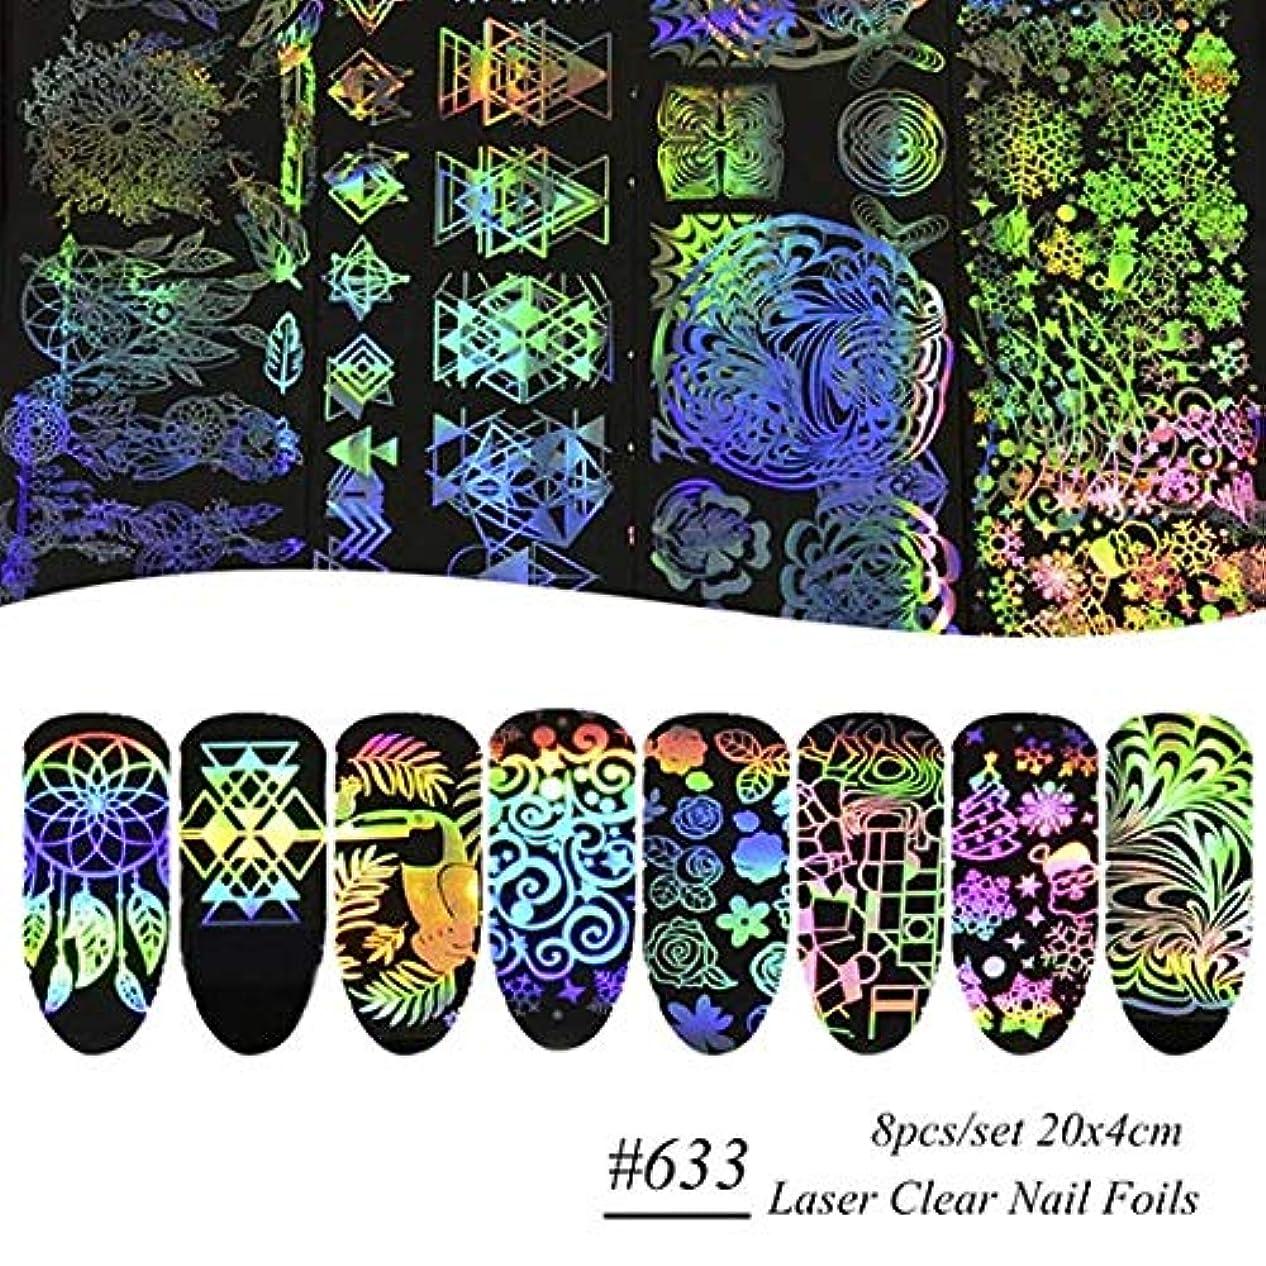 読書びっくり清めるSUKTI&XIAO ネイルステッカー 1セット混合ホログラフィックネイル箔ステッカーレーザーマーブルグルー接着剤ラップネイルアートデコレーションマニキュアツール、633-8個